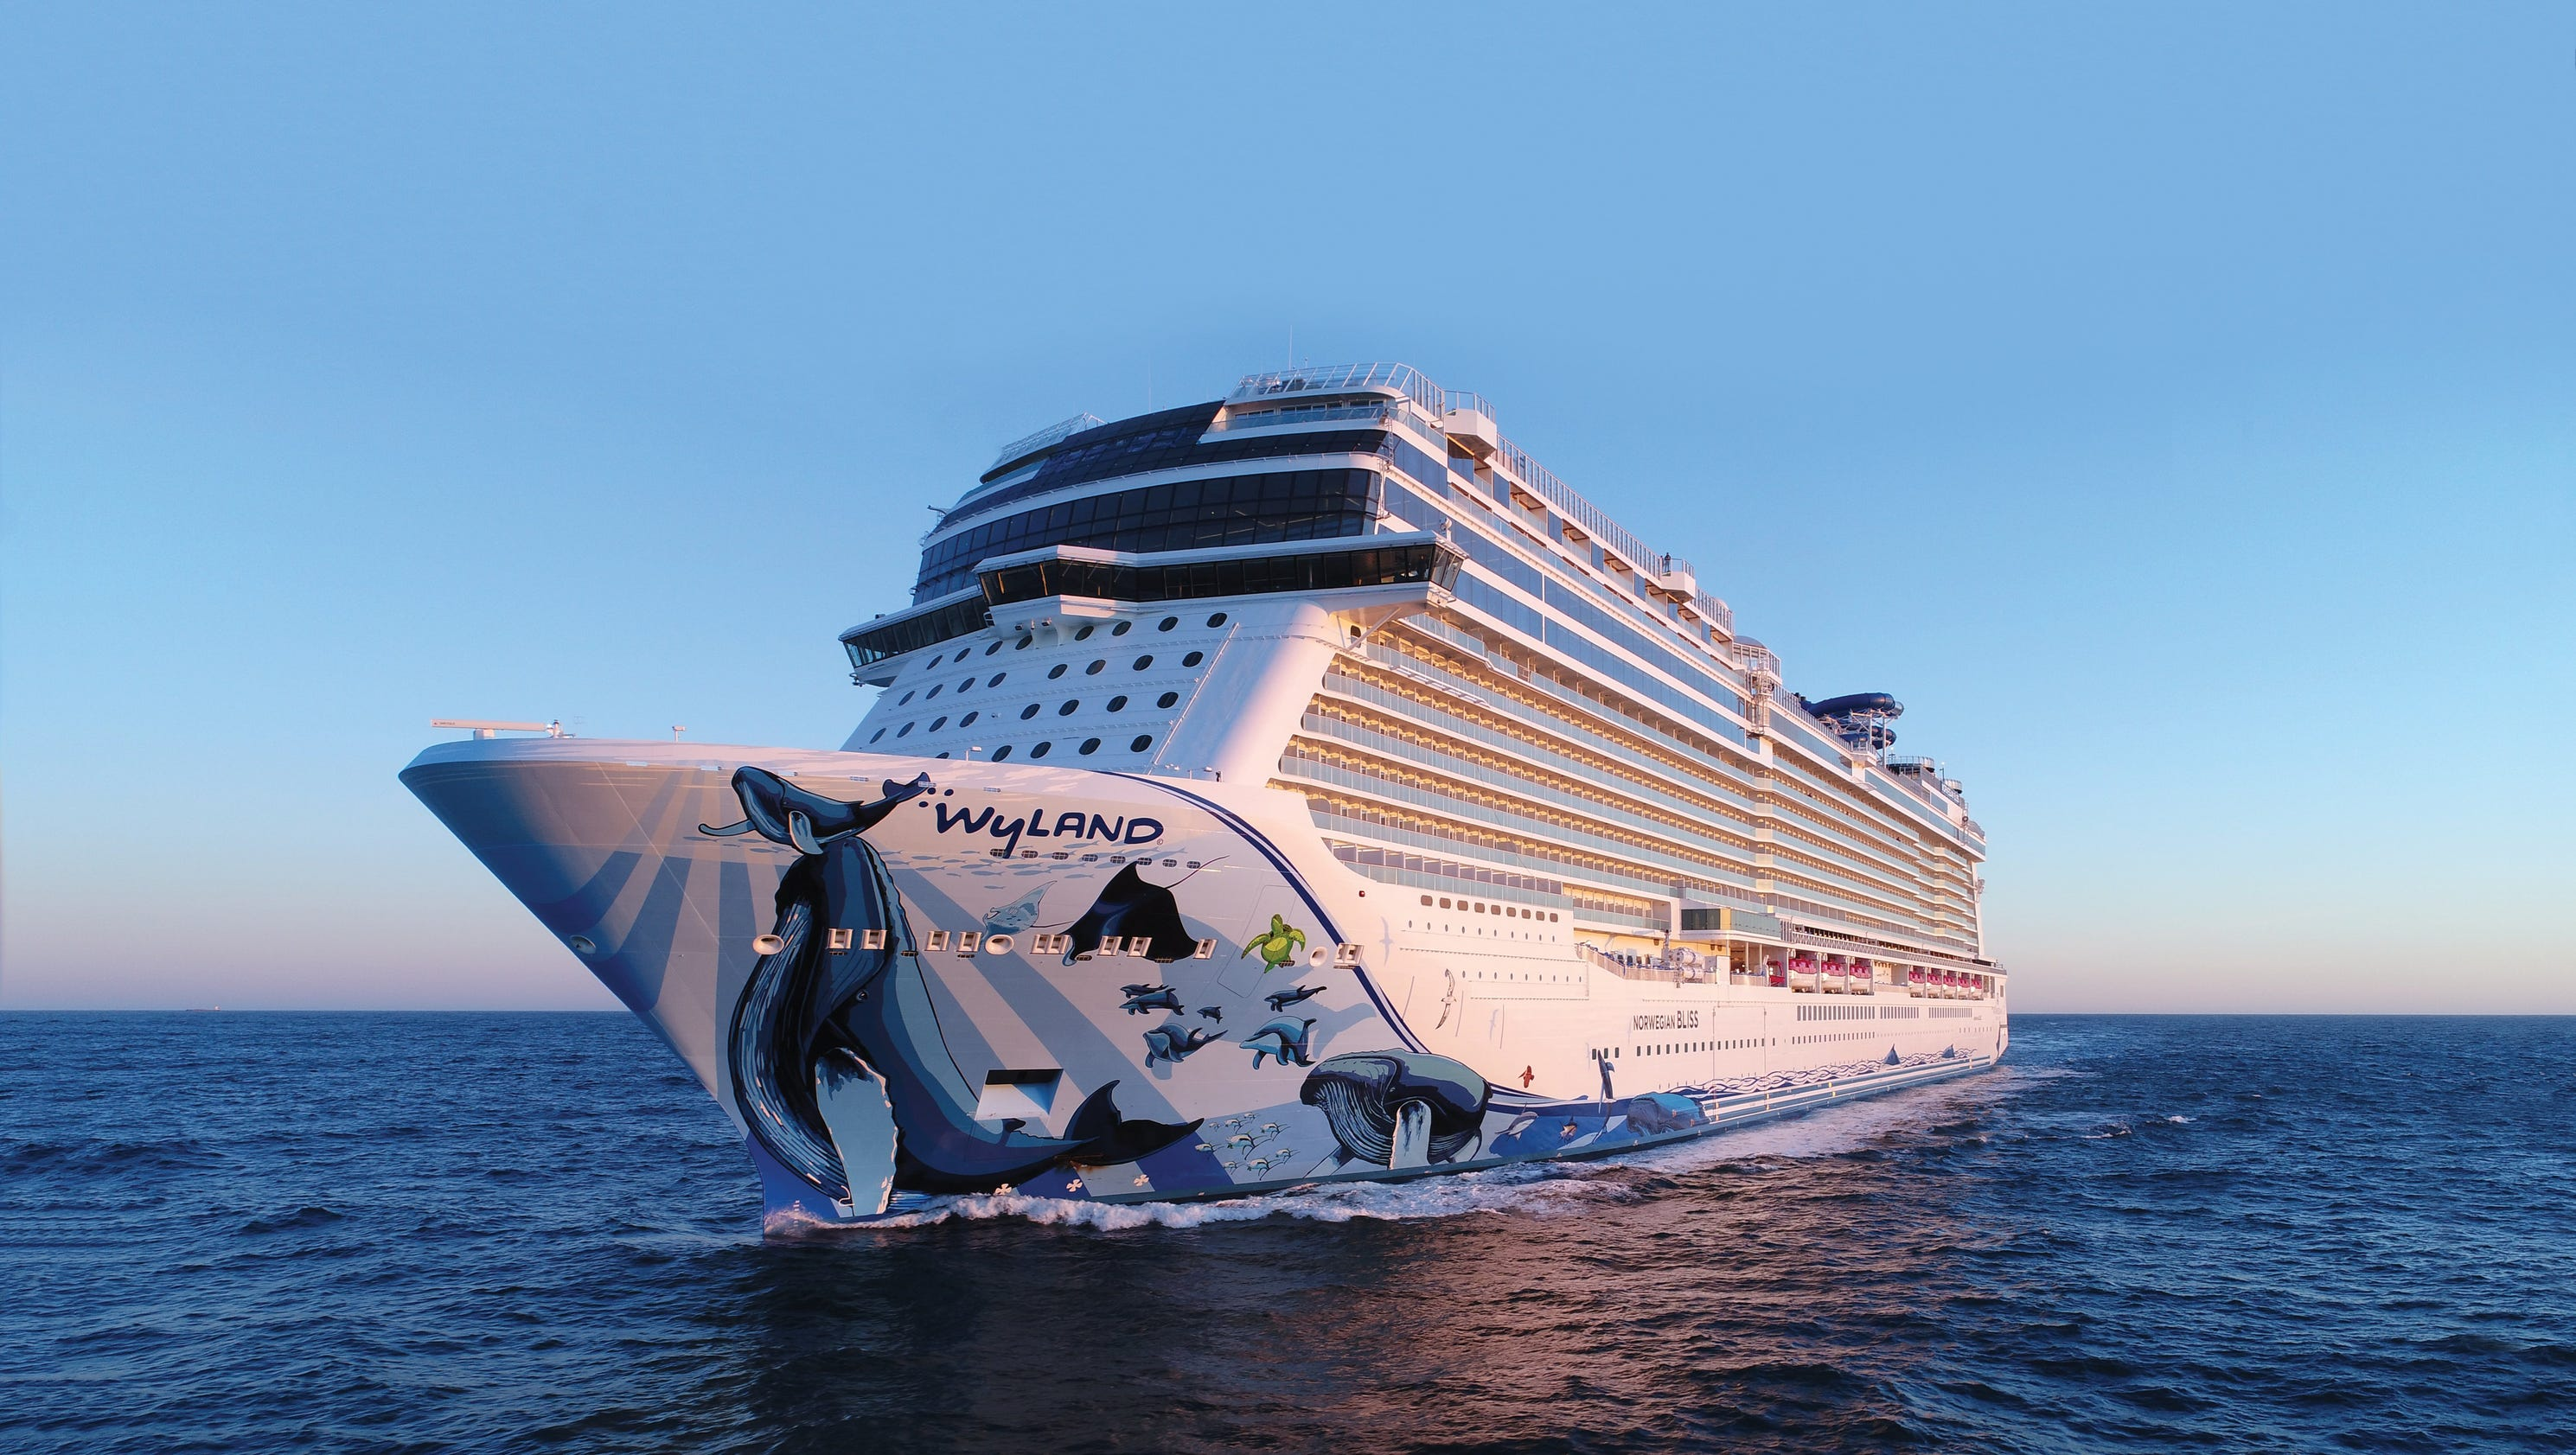 Peek Inside Norwegian Cruise Line S Giant New Ship